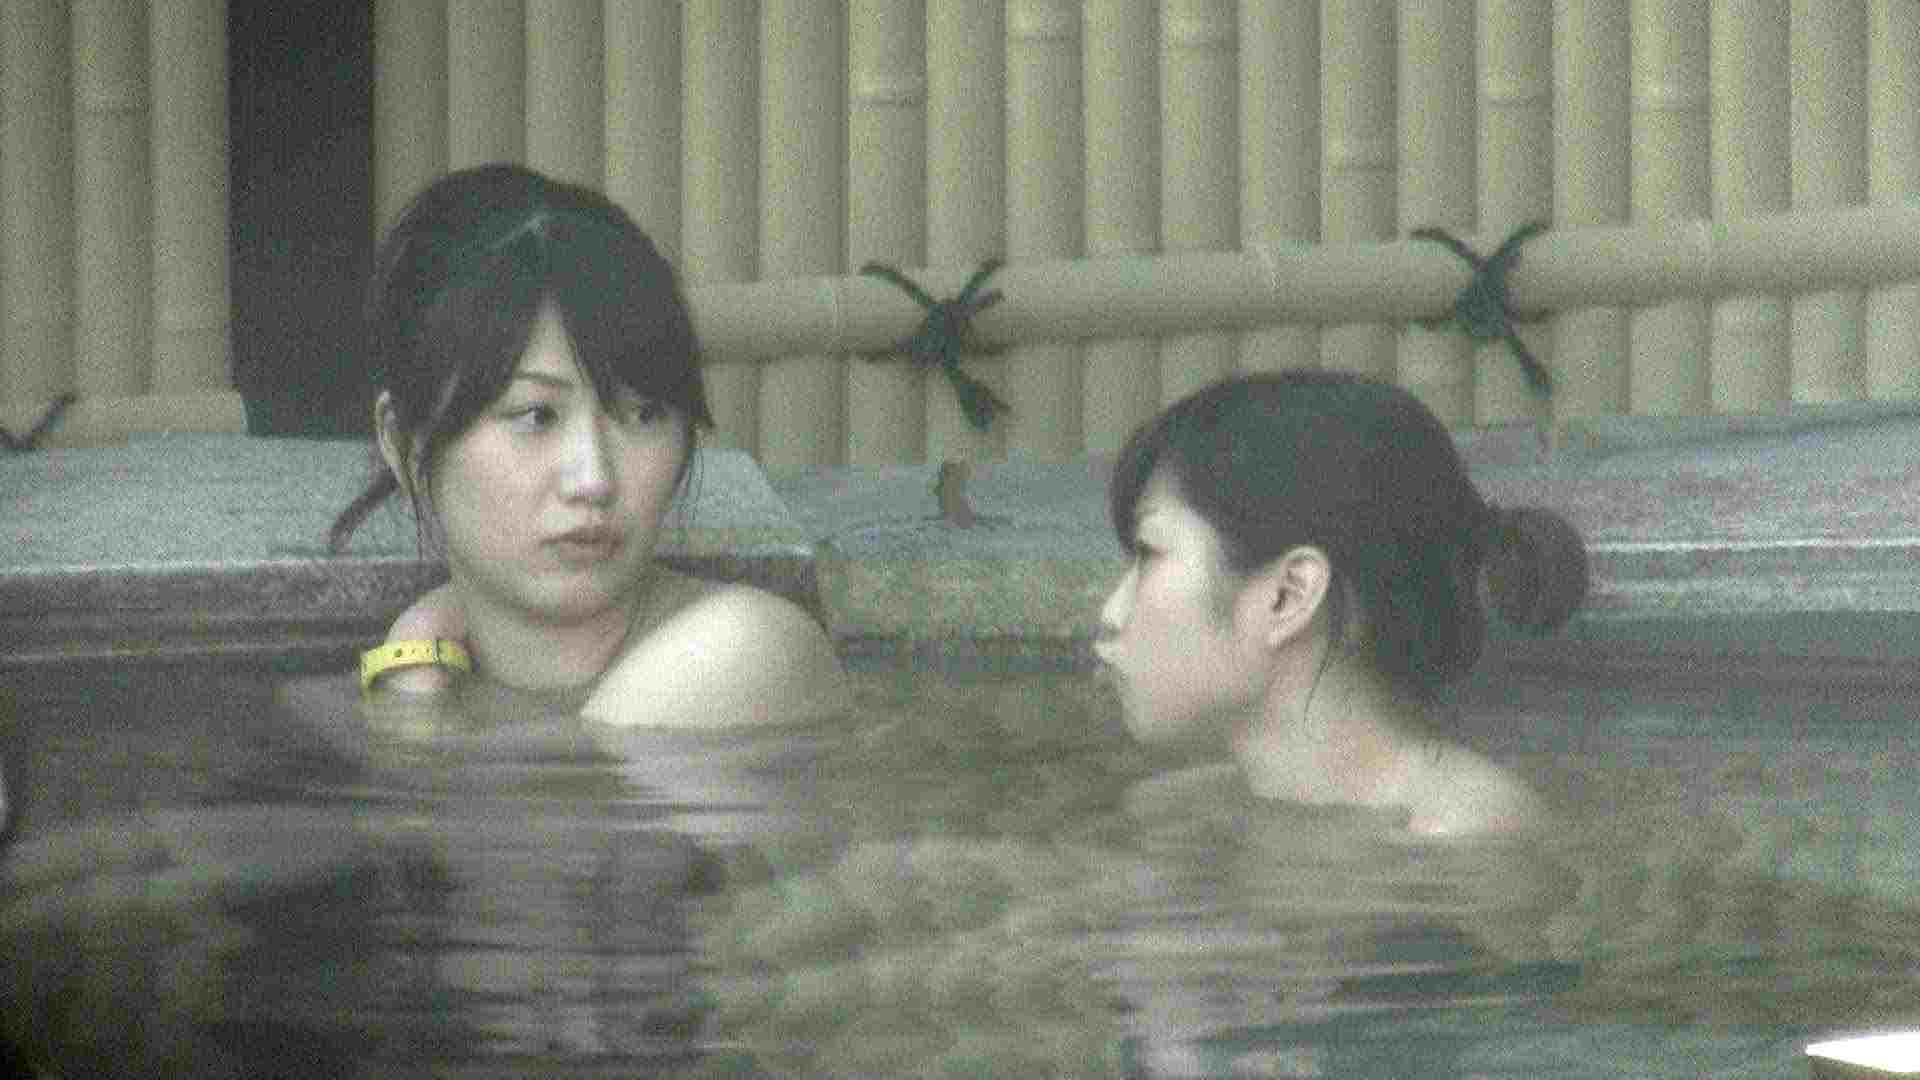 Aquaな露天風呂Vol.206 OLのエロ生活  87連発 3